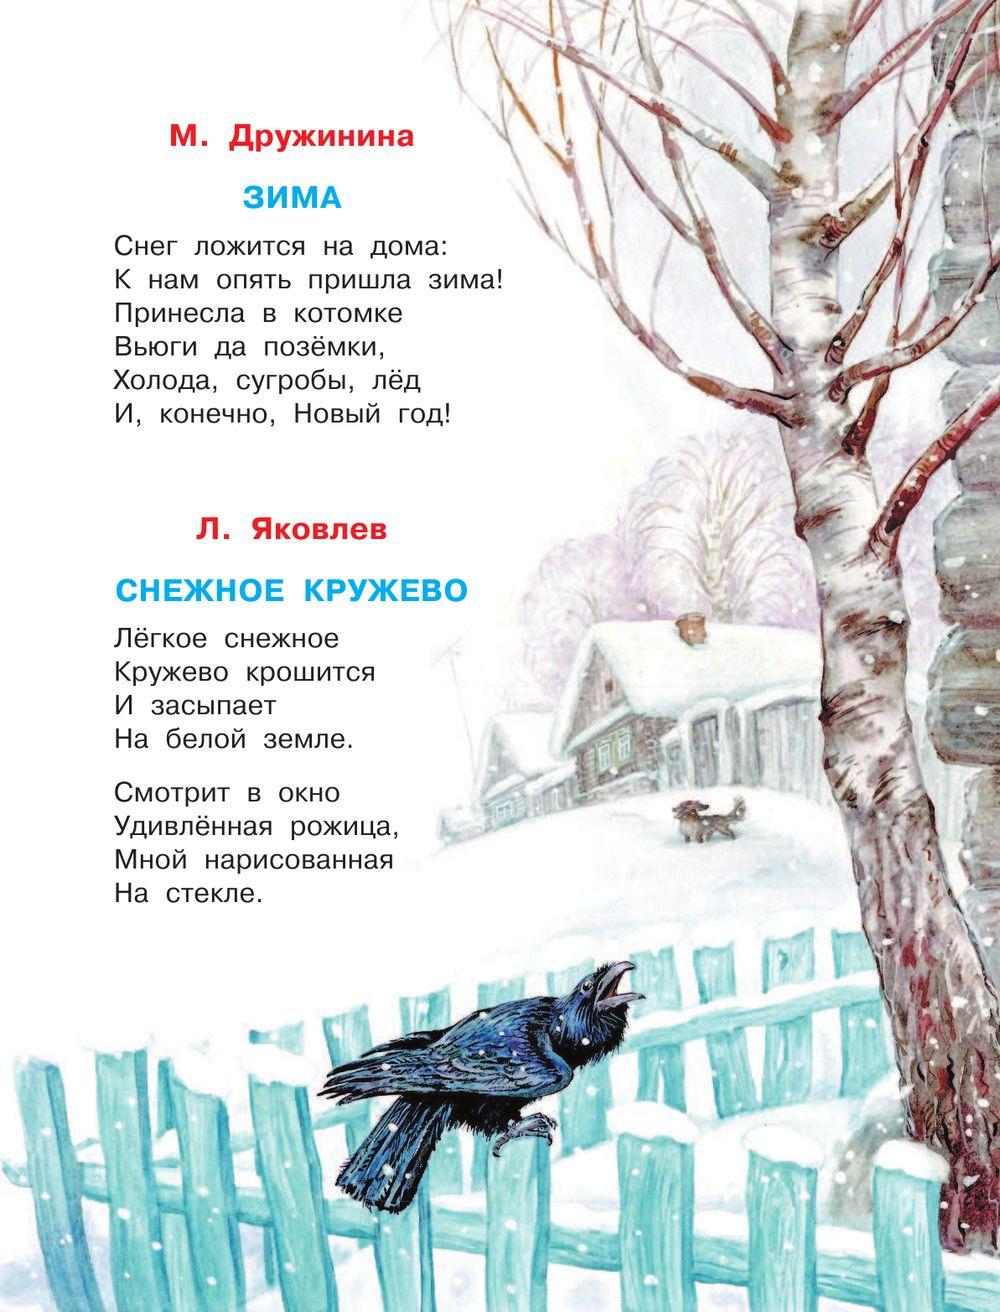 Стих к новогоднему подарку